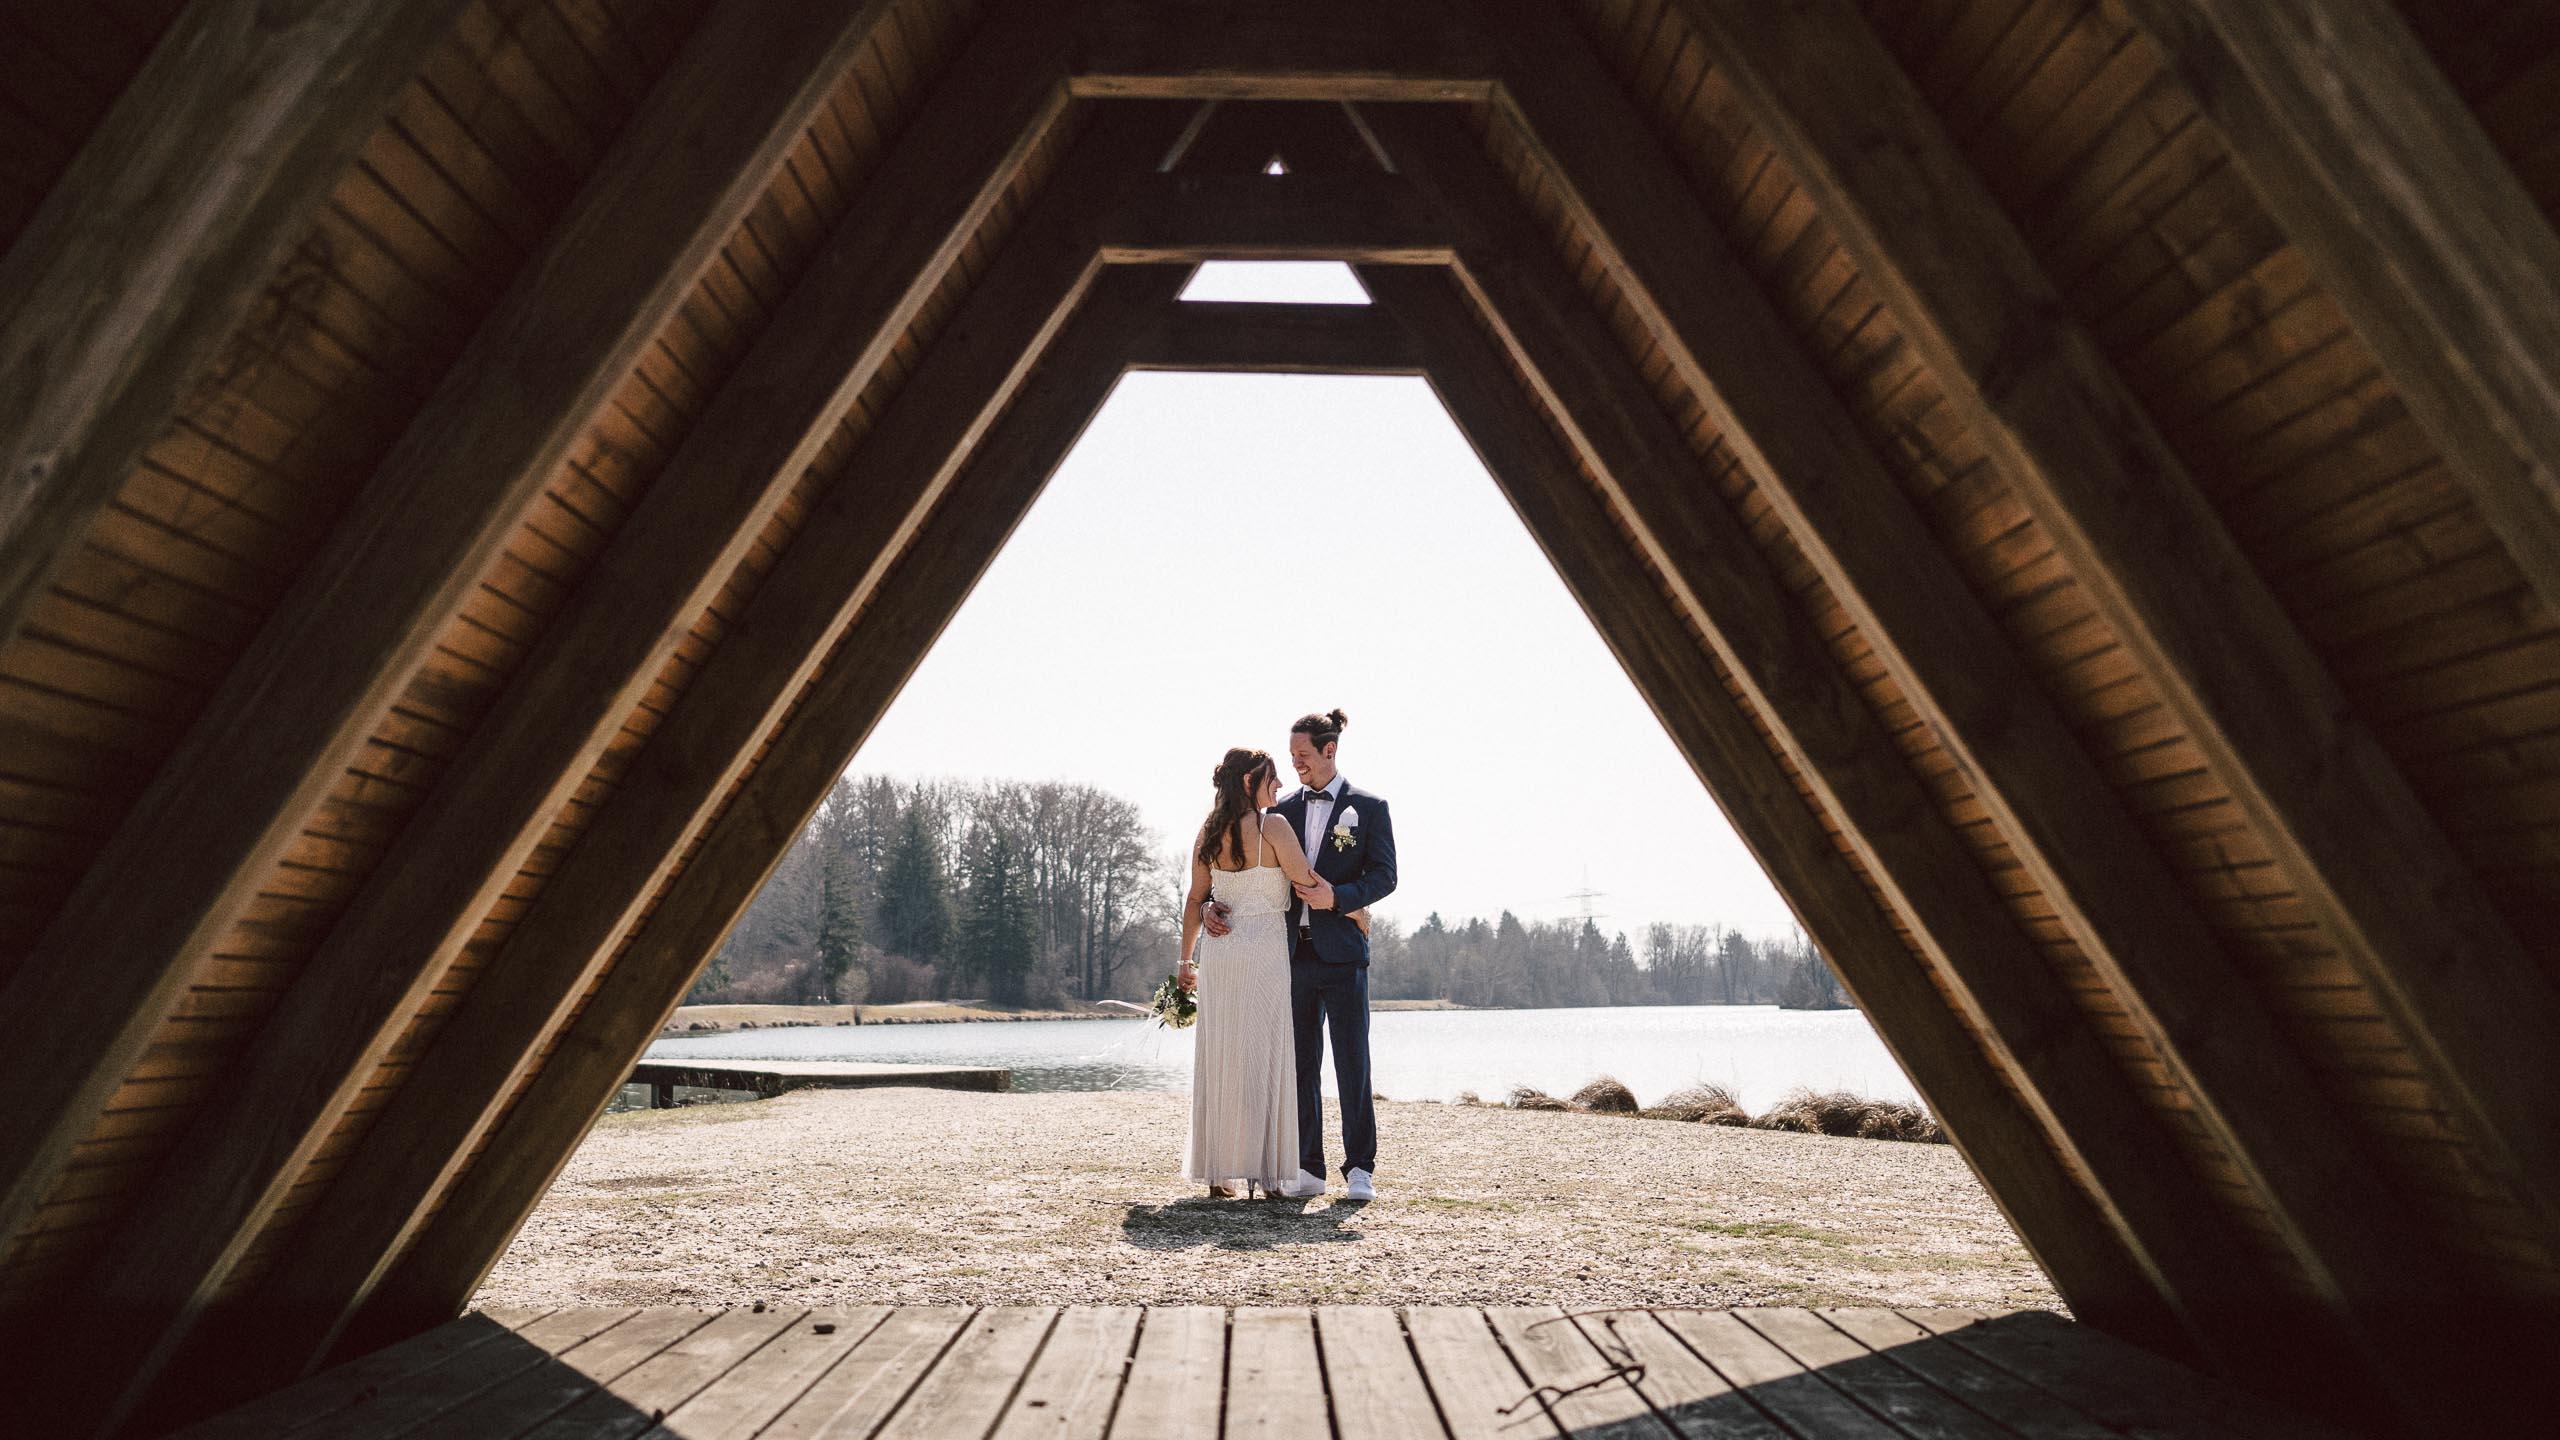 Hochzeitsfotograf Augsburg - Brautpaarshooting am Weitmannsee